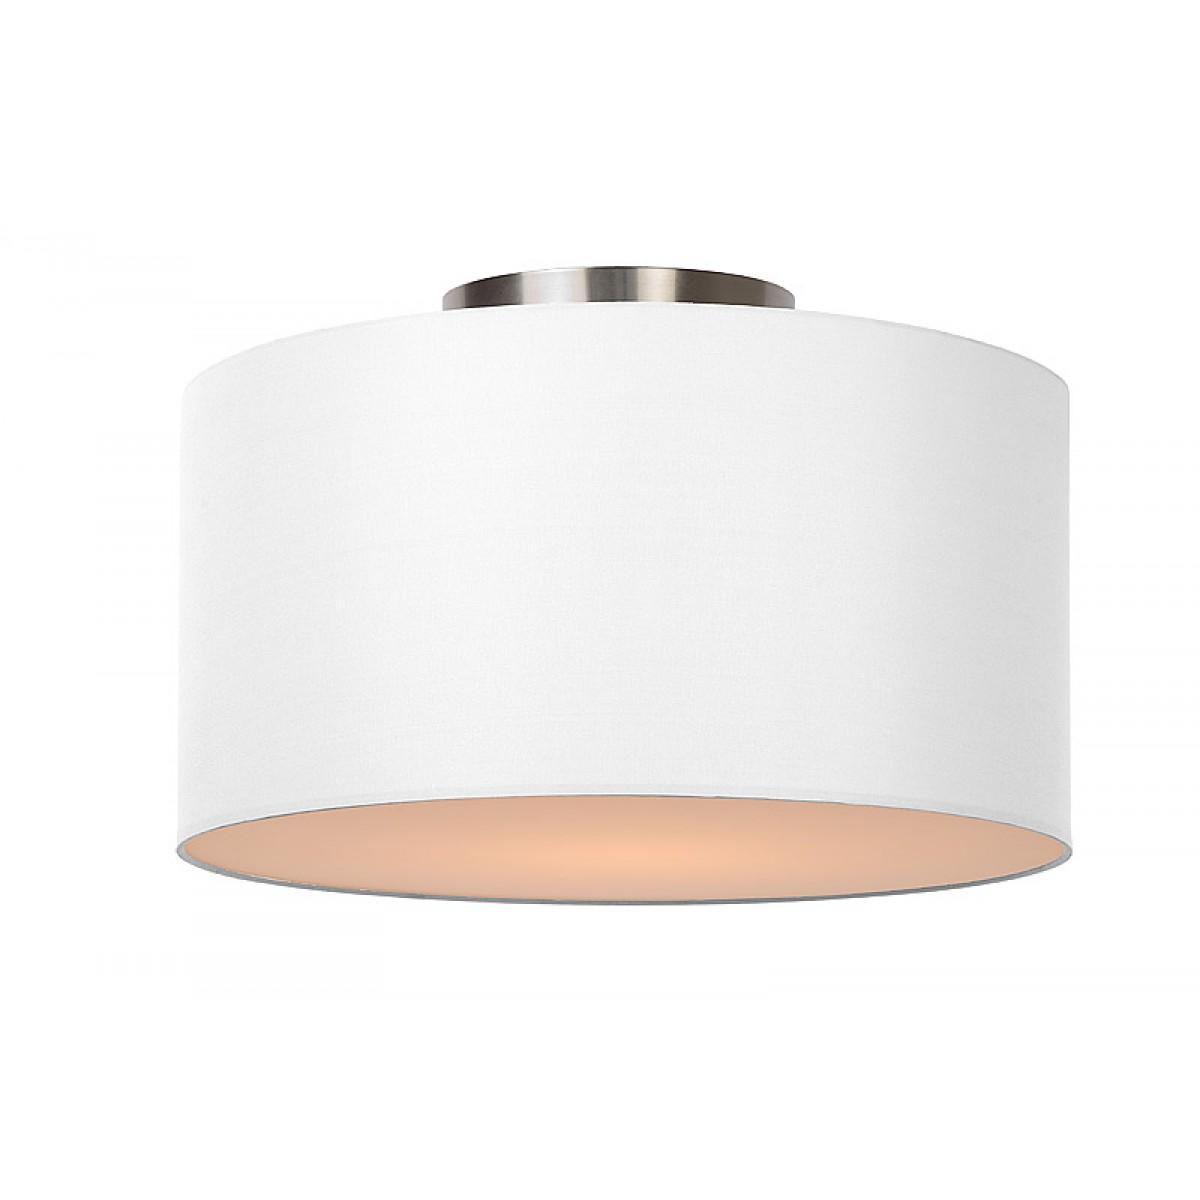 deckenleuchte rund wei deckenlampe lampenschirm wei. Black Bedroom Furniture Sets. Home Design Ideas